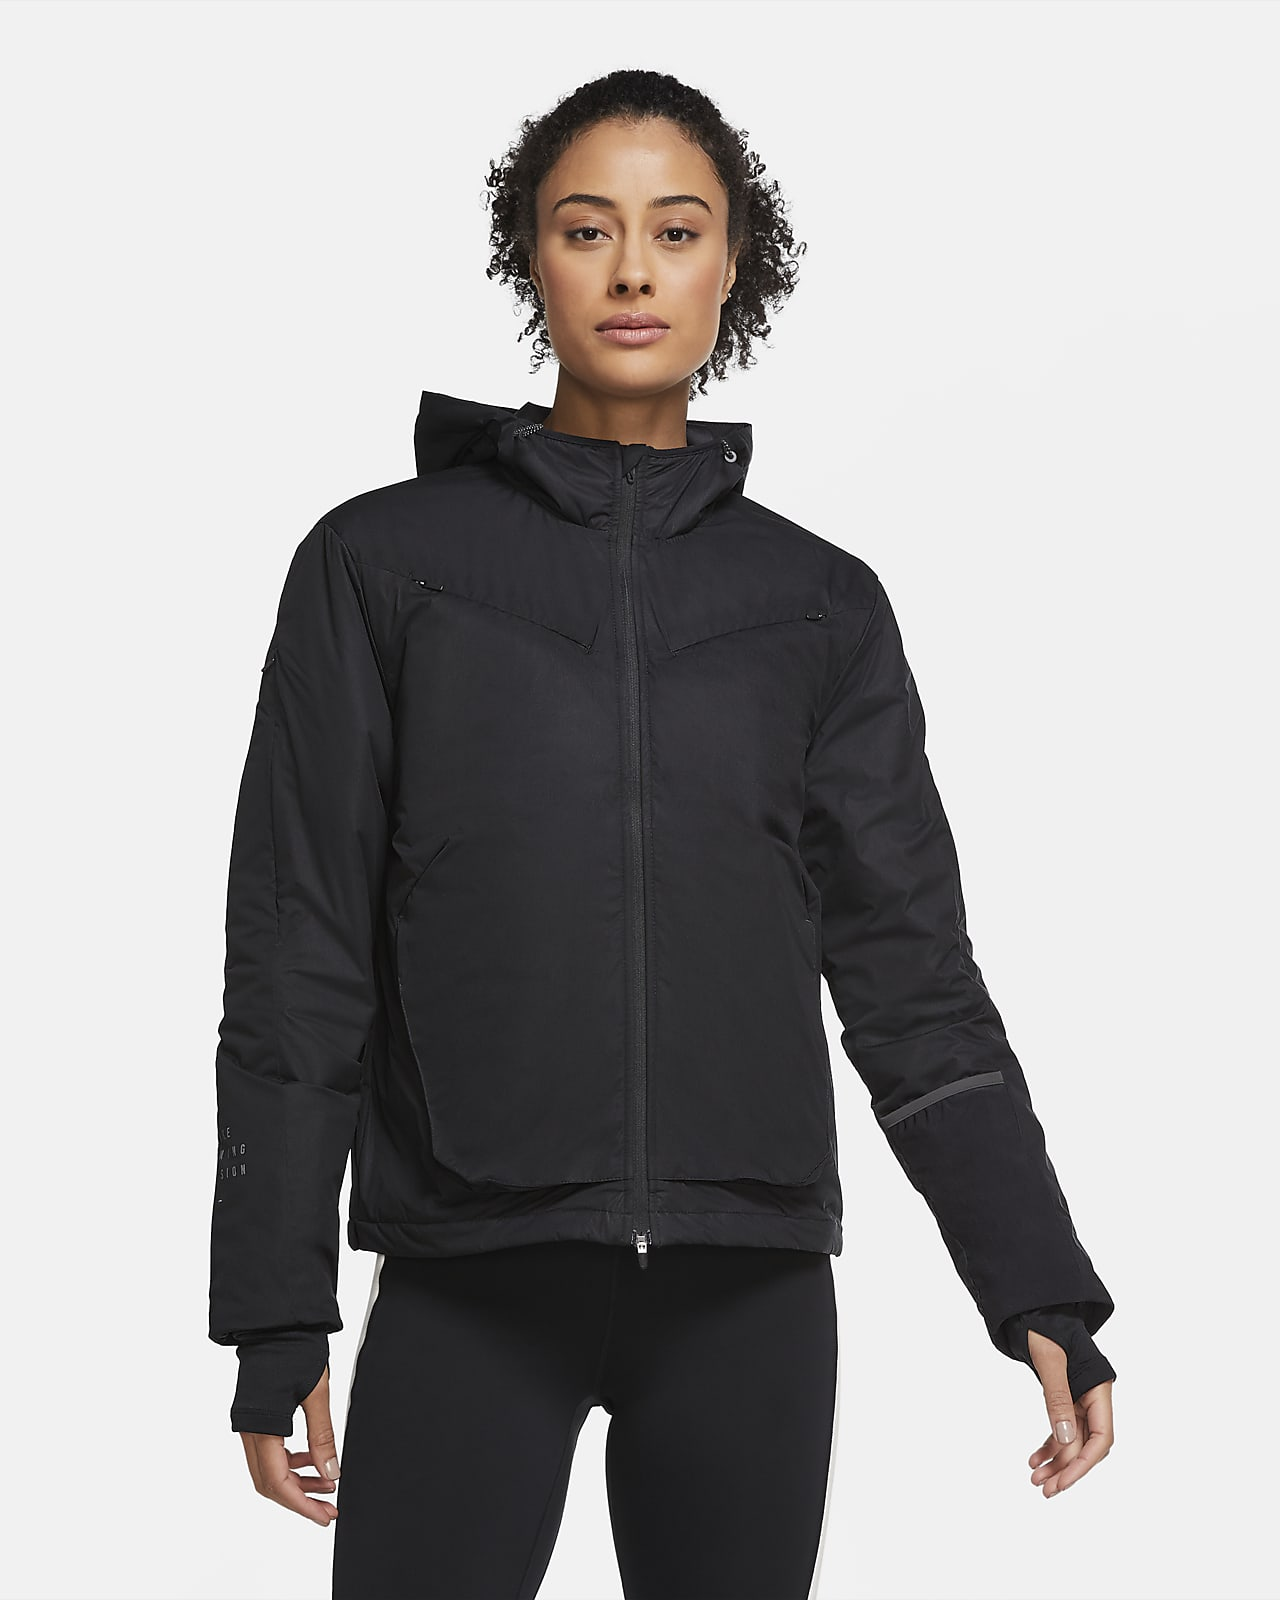 Veste de running à fente dynamique Nike Run Division pour Femme